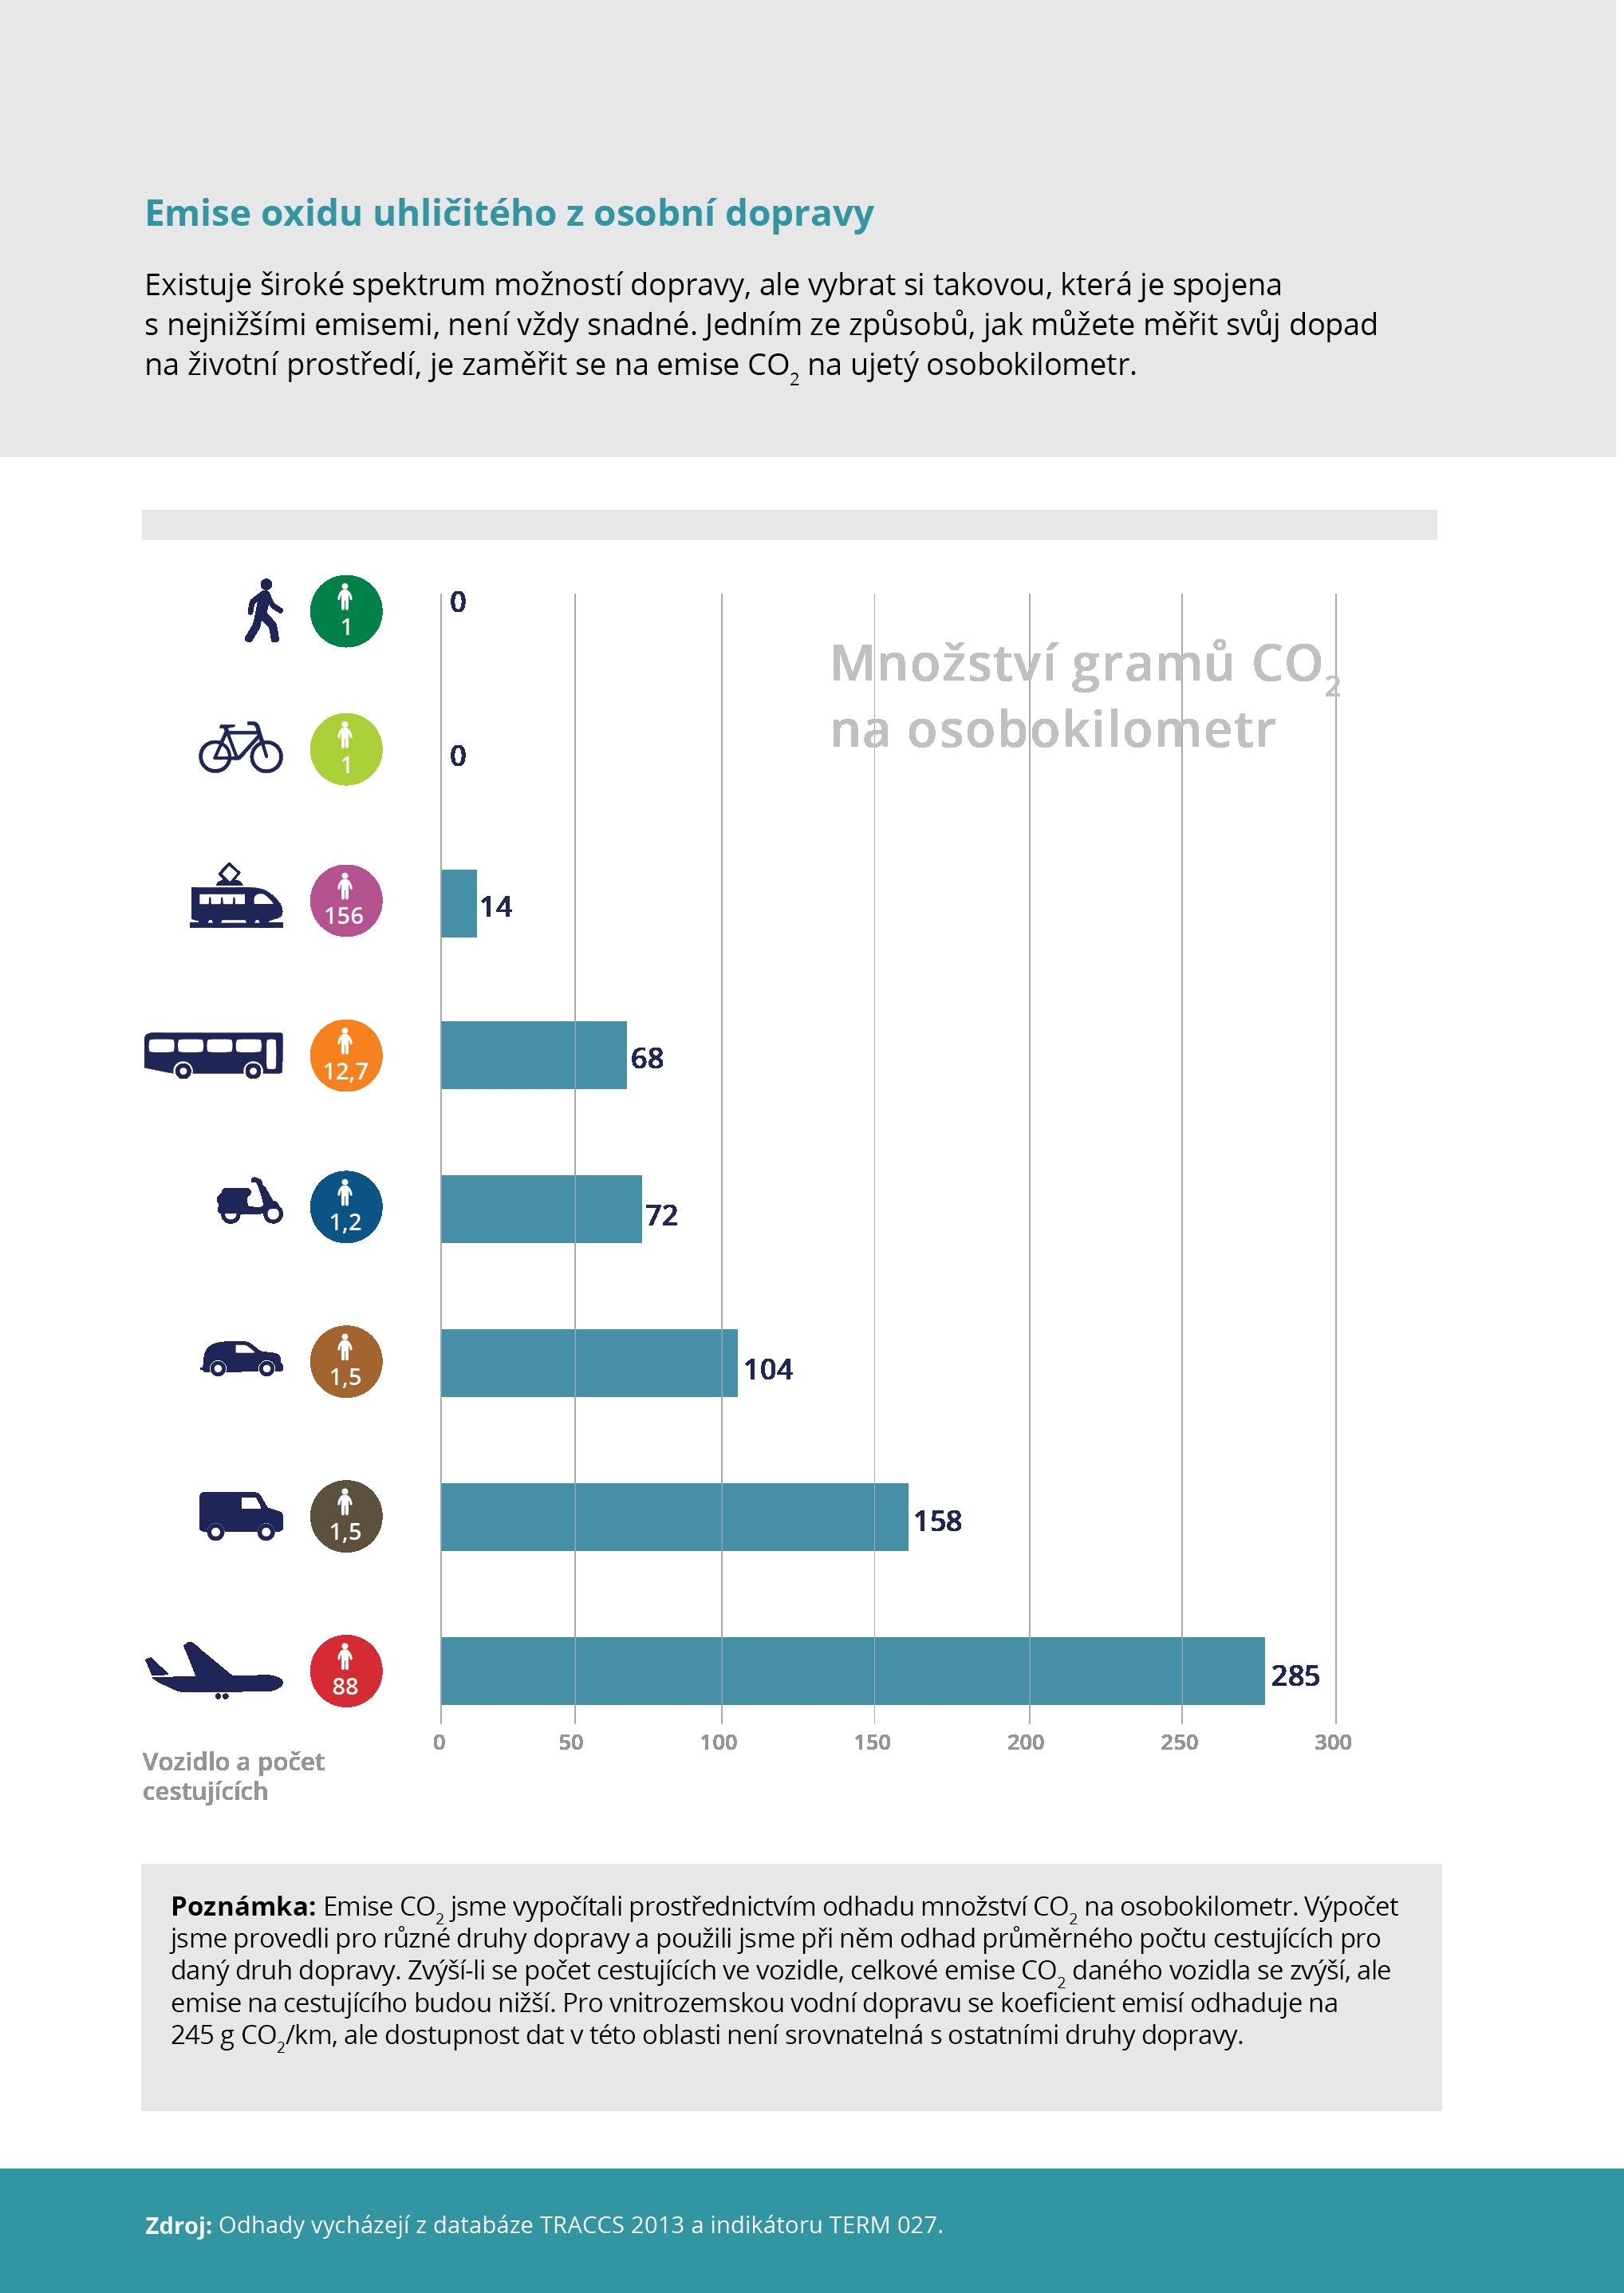 Emise oxidu uhličitého z osobní dopravy